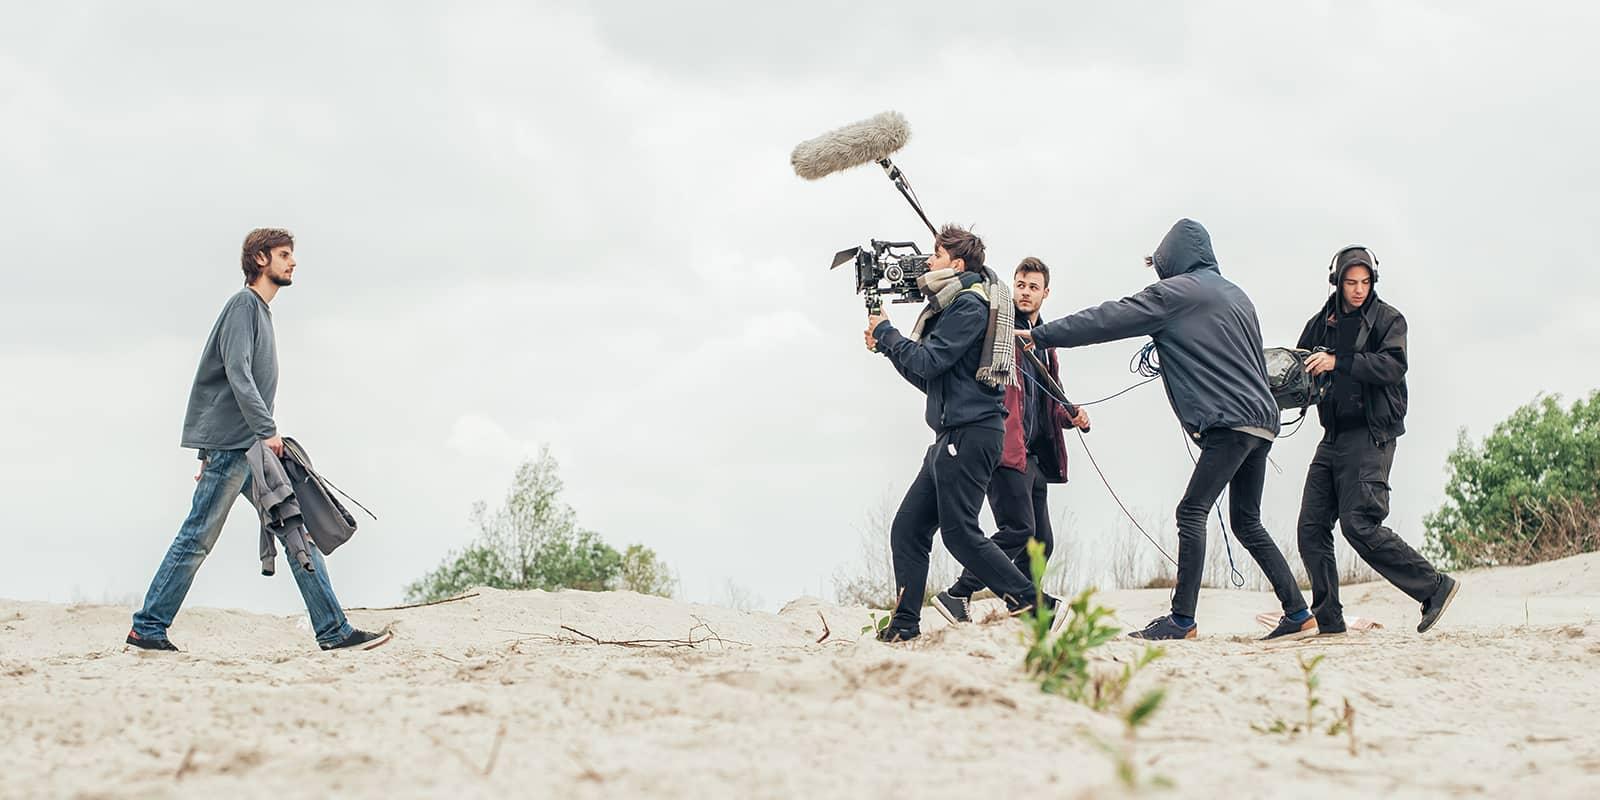 【徹底解説】企業プロモーション動画の作成費用の目安、料金相場とは